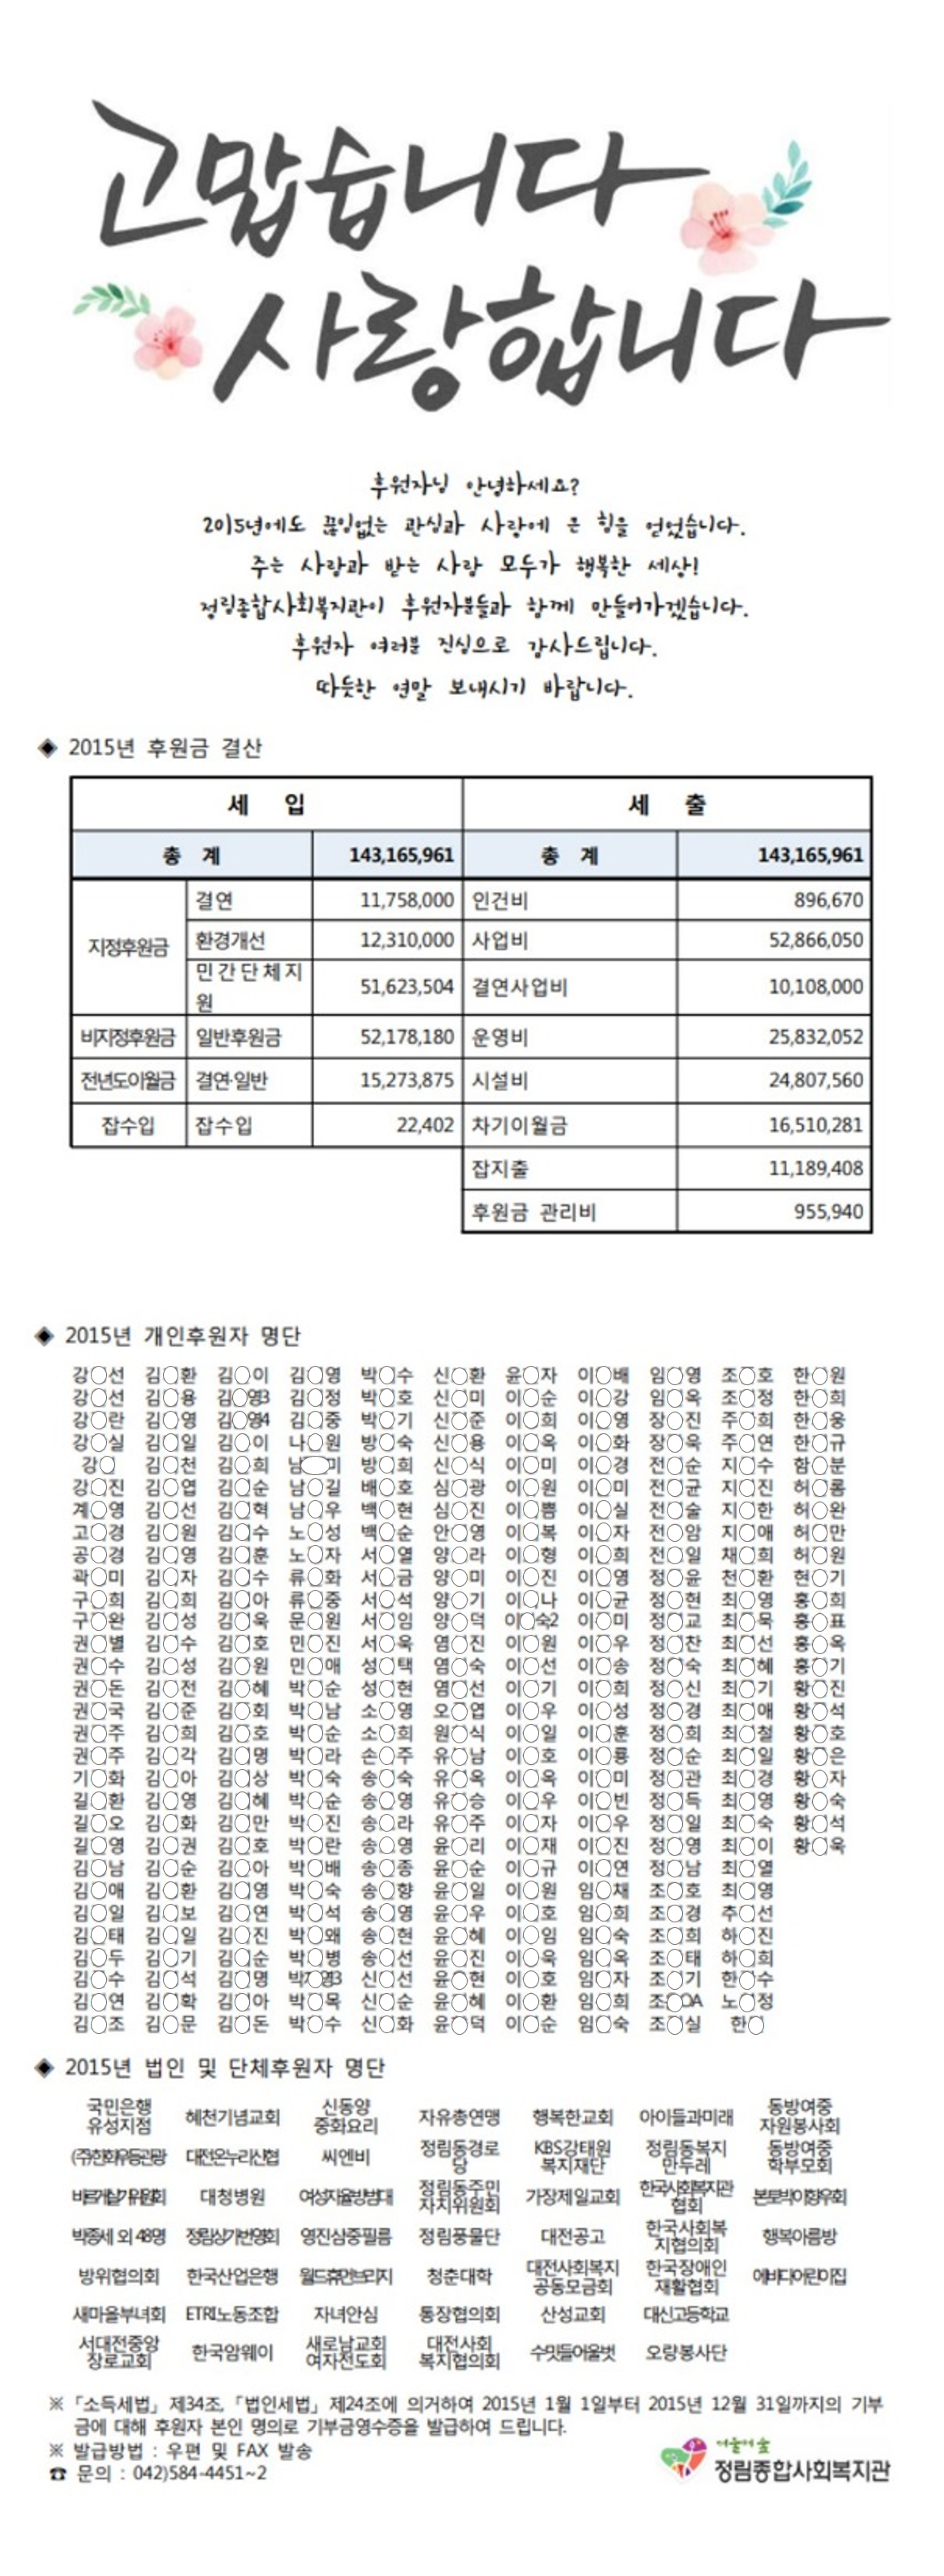 2015년 후원금 수입 및 사용 결과 보고